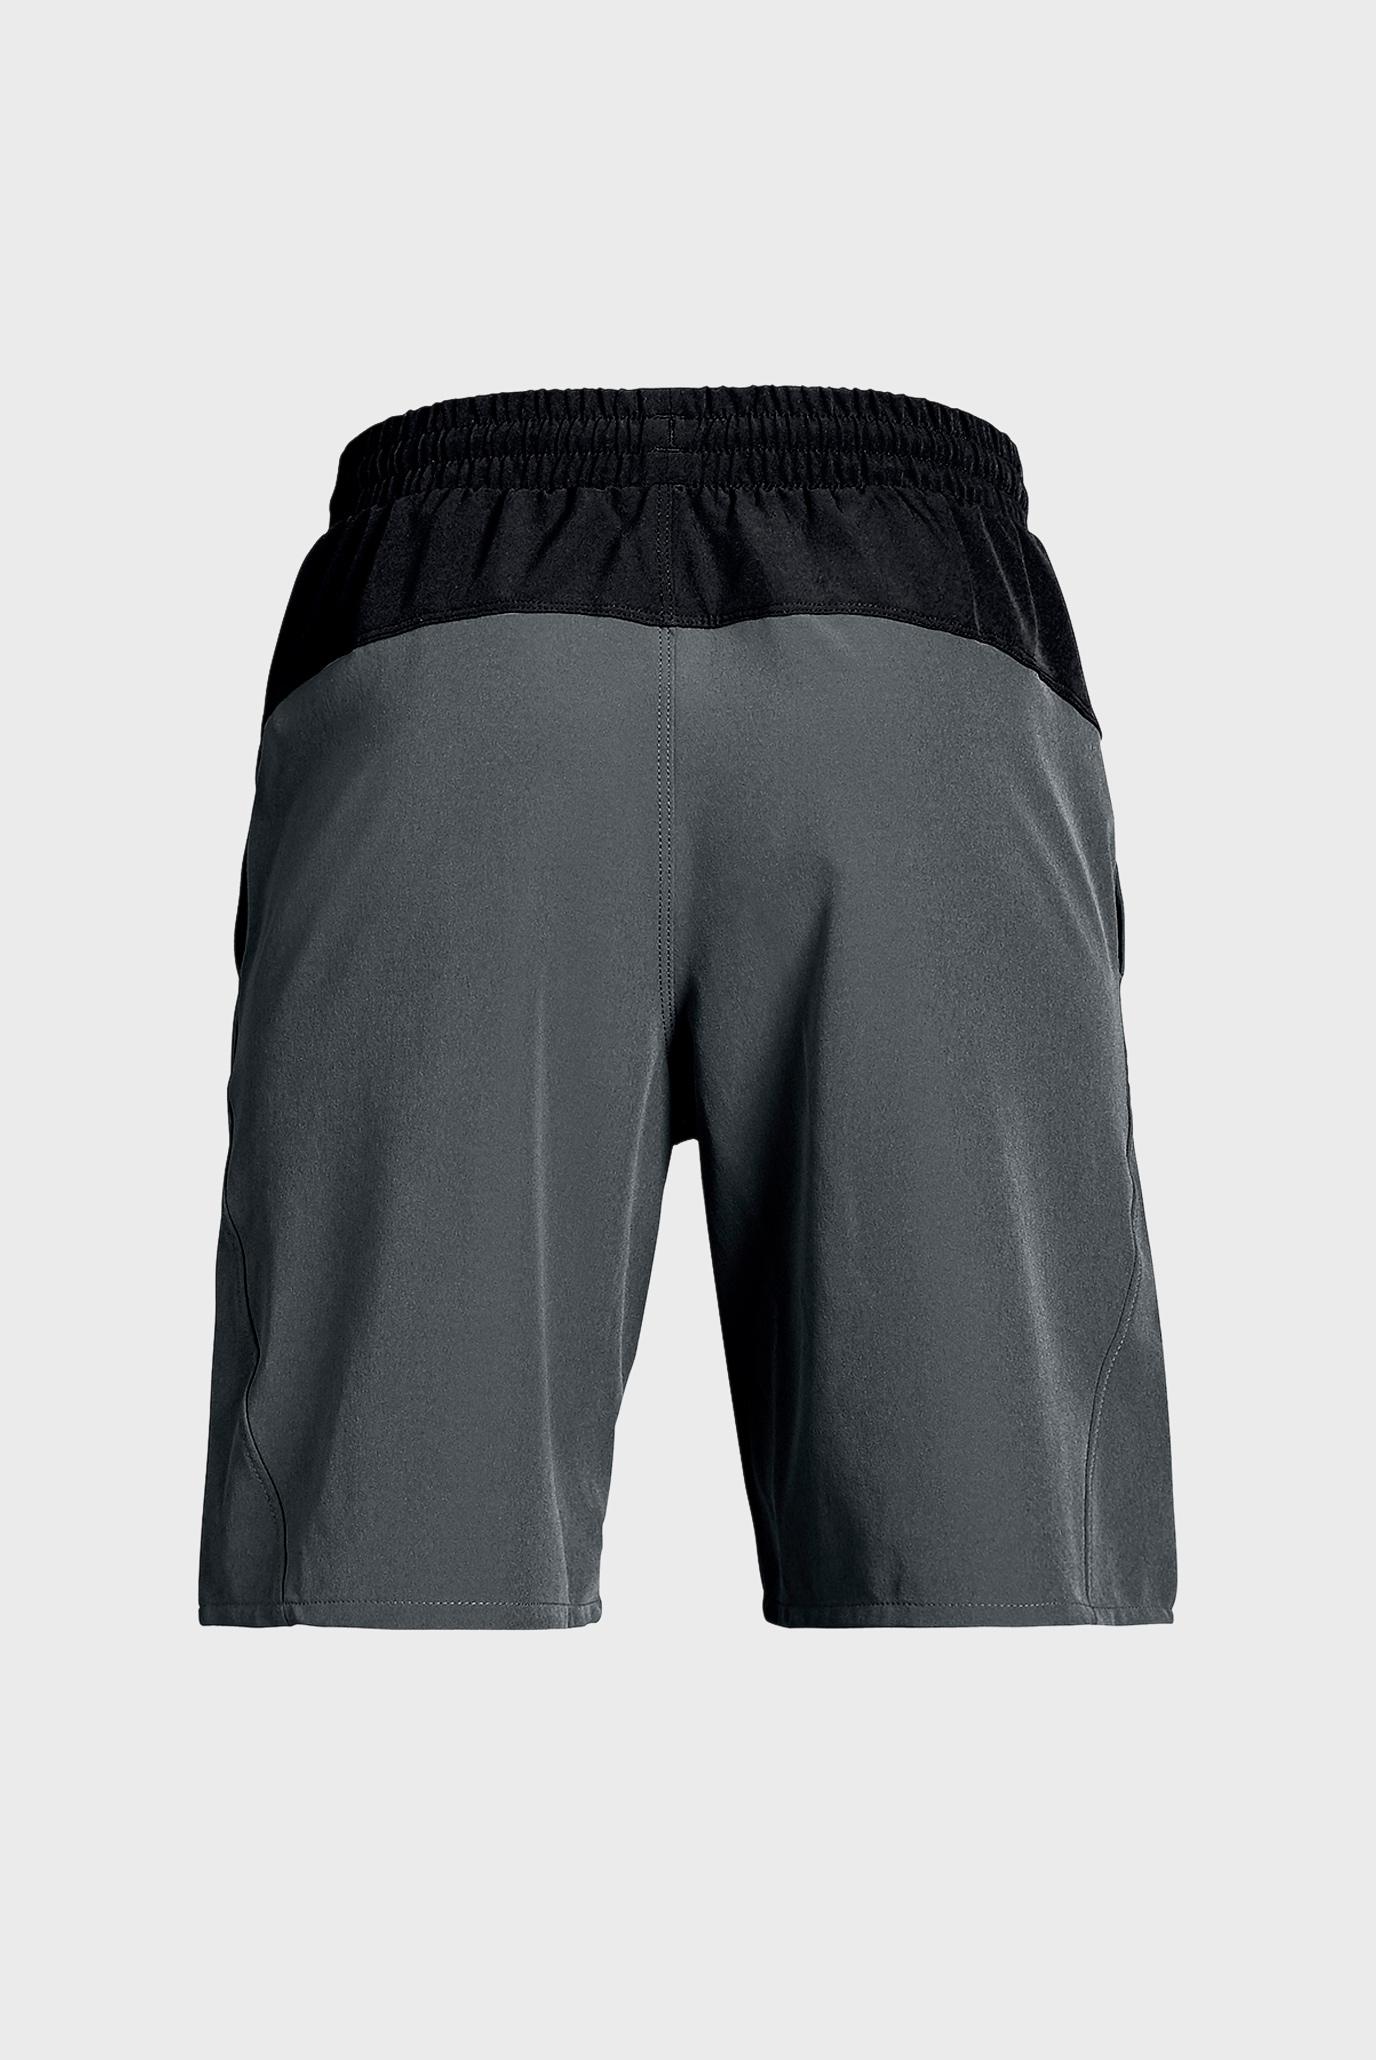 Купить Детские серые шорты Splash Short Under Armour Under Armour 1328987-012 – Киев, Украина. Цены в интернет магазине MD Fashion